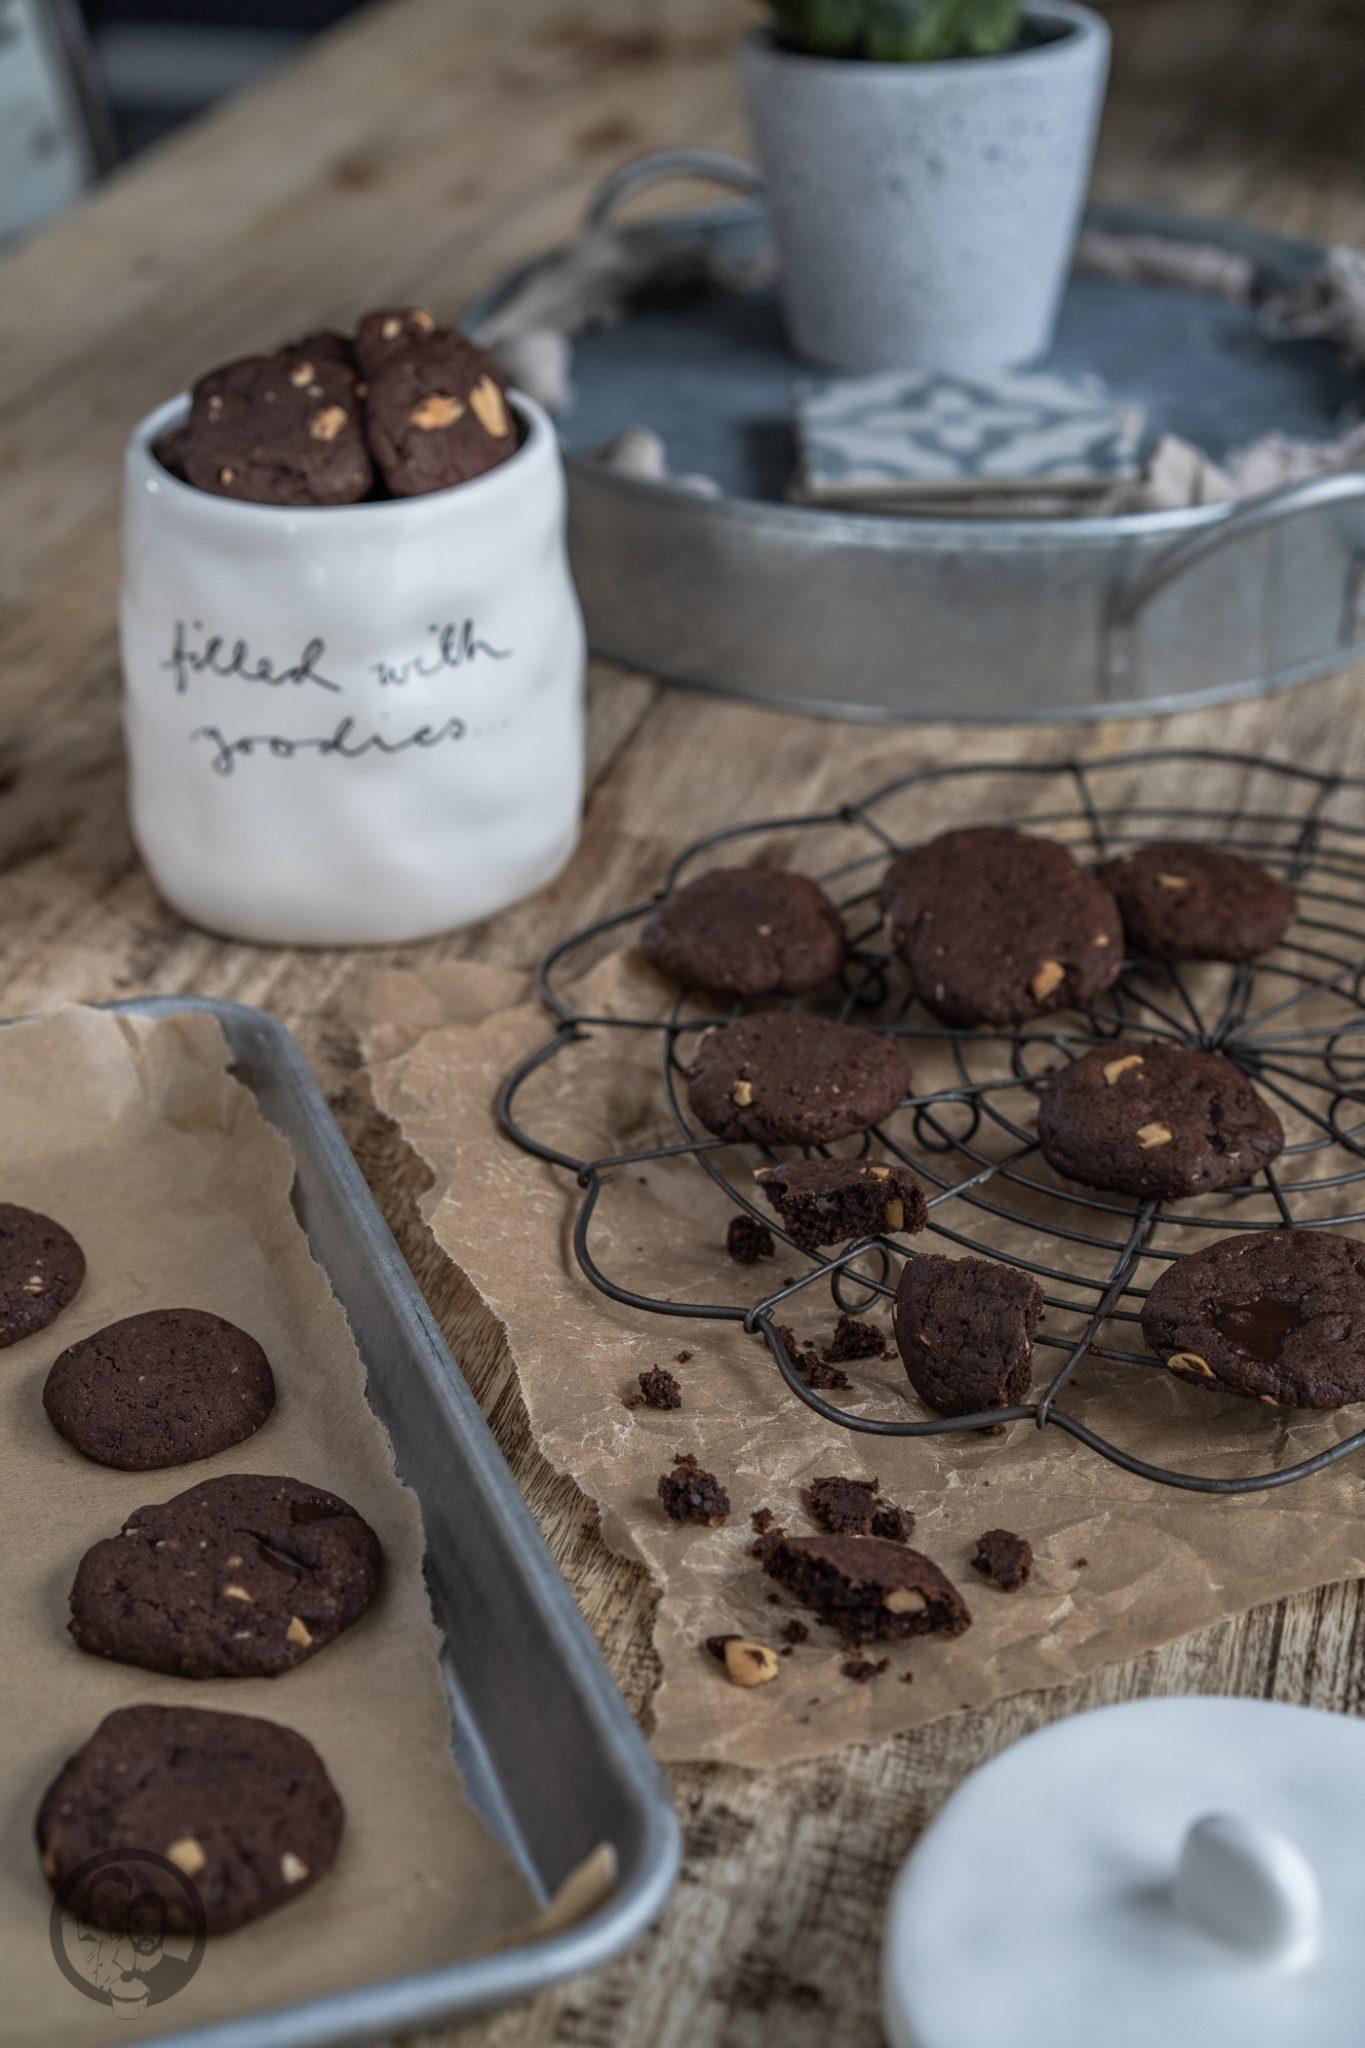 Schoko Erdnuss Cookies 2 | Man könnte mich auch gut und gerne Krümelmonster nennen! Ich liebe Cookies über alles. Gebäck, das sich so einfach und wunderbar variieren lässt, ist so oder so schon ein echter Gewinn. Bei uns müssen Cookies auf jeden Fall so richtig schön weich und saftig sein - wie ihr das ohne Probleme auch hinbekommt erfahrt ihr jetzt.